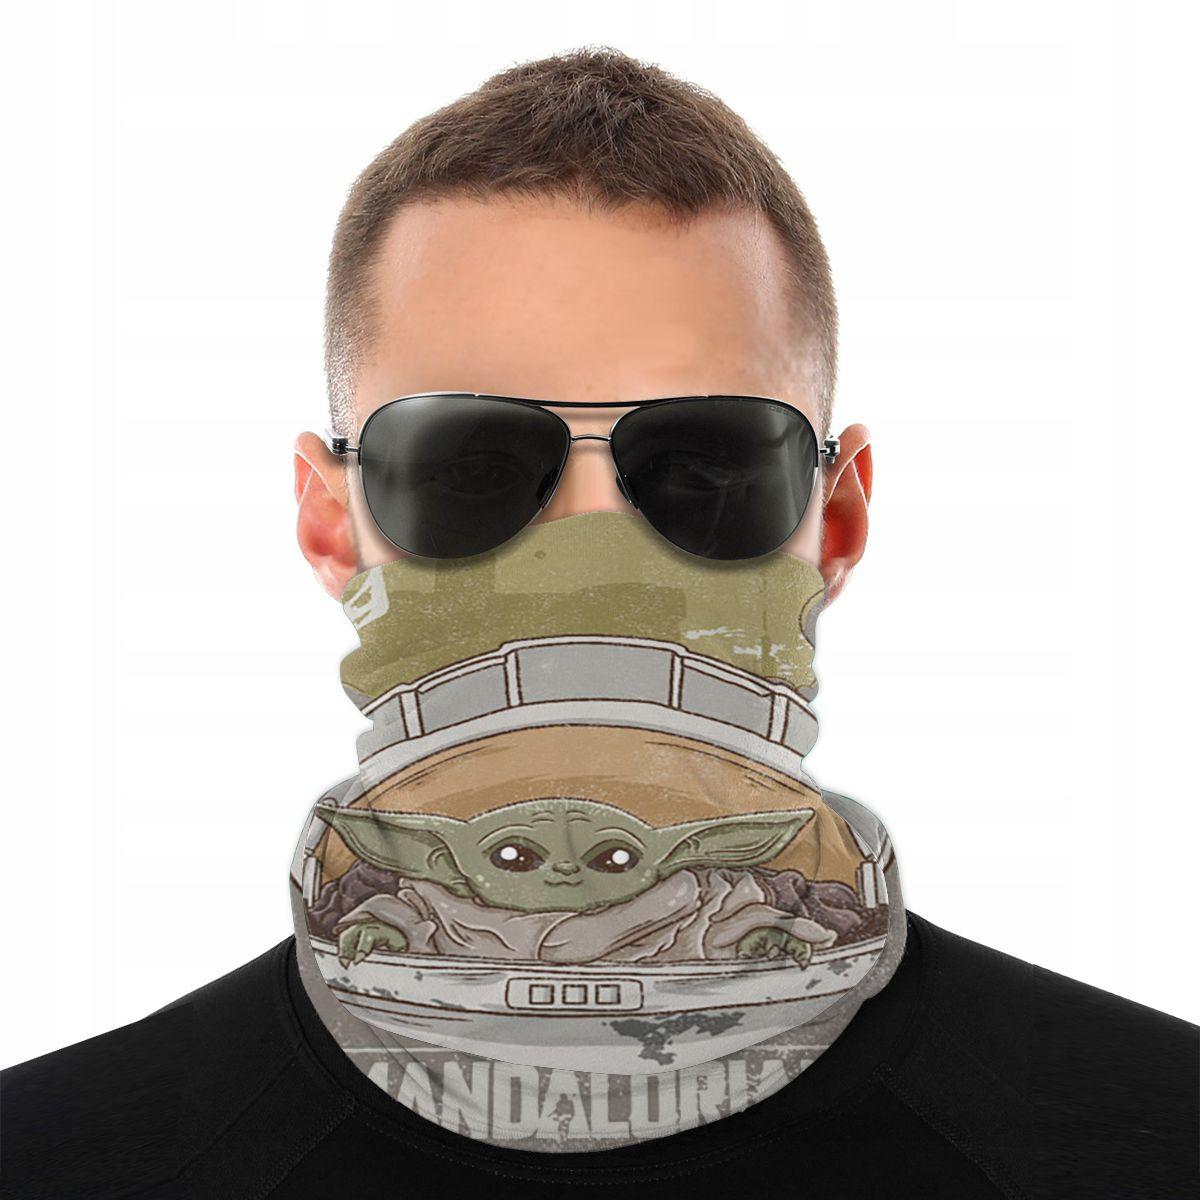 Bebê yoda magia lenço meia máscara facial unisex tubo máscara mandalorian star wars tubular bandanas versatilidade bandana ciclismo caminhadas